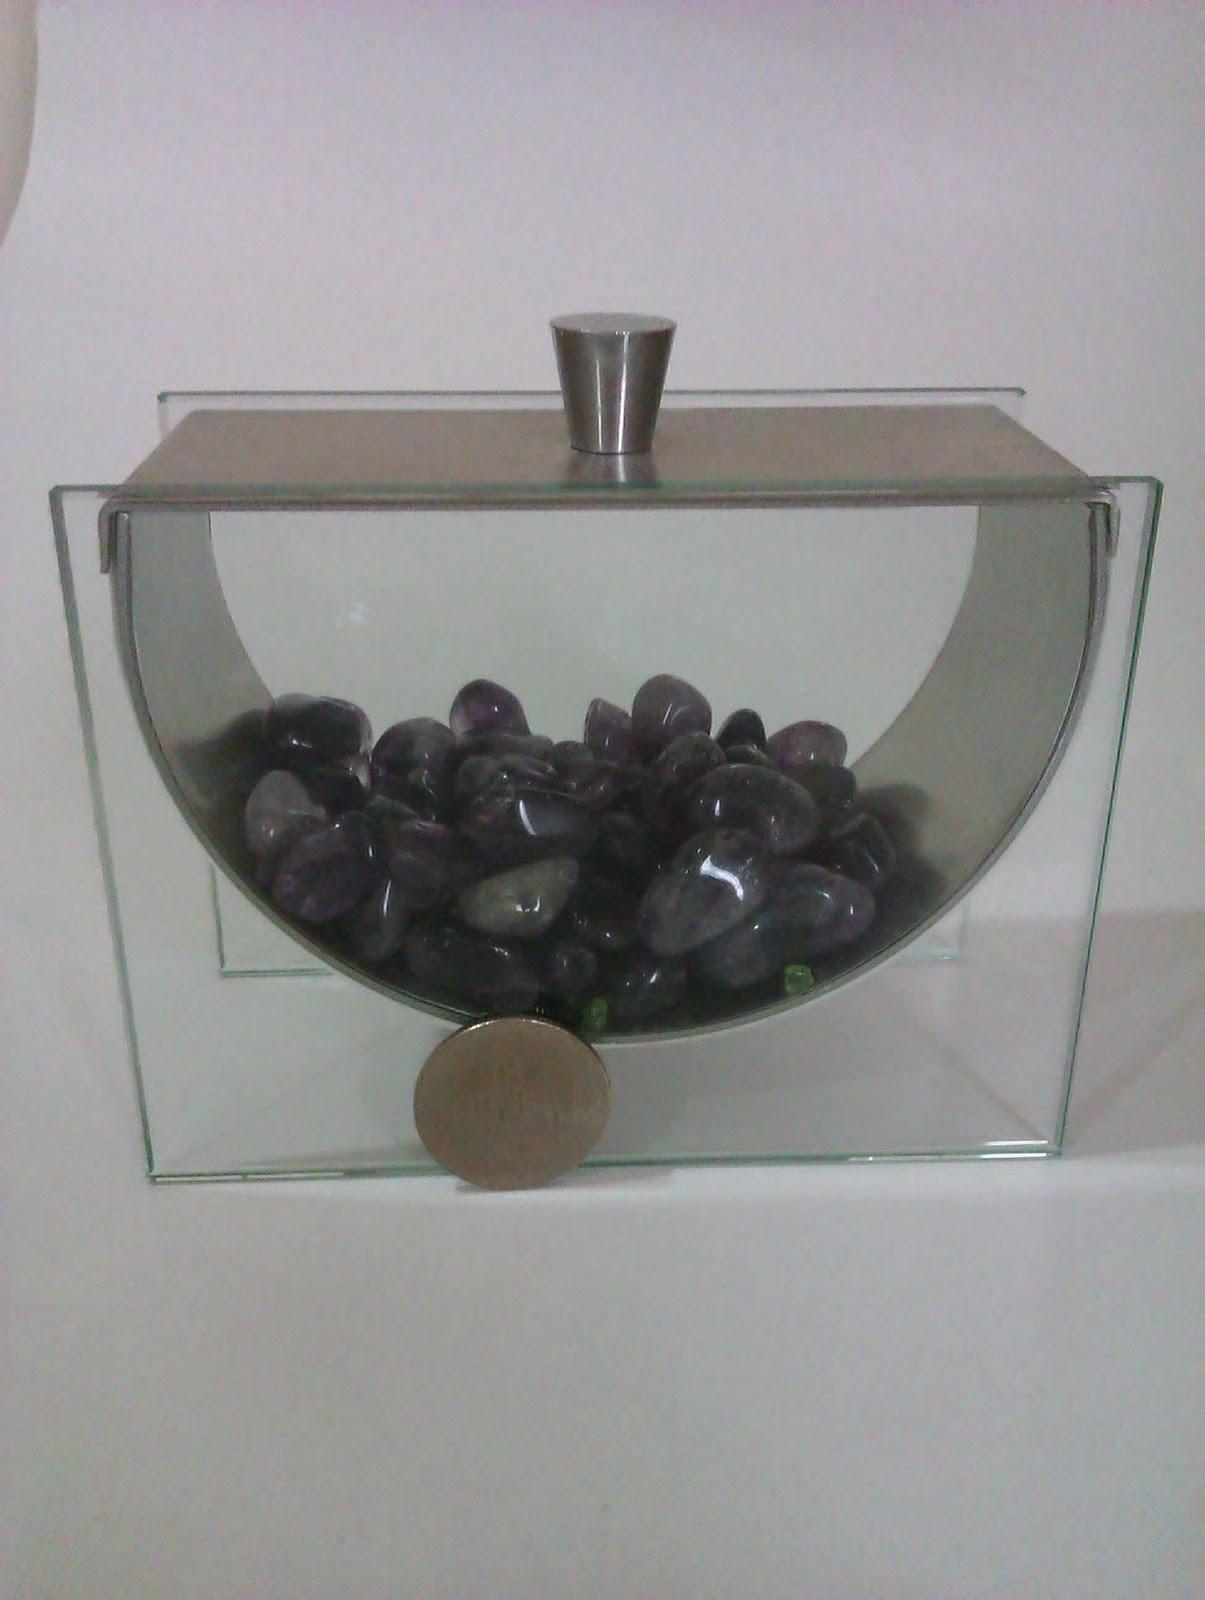 以物可易物: 水晶碎石類-粉晶,飛比價格讓您輕鬆比價,招財,灰月亮石,隸屬臺灣最大的電子商務集團PChome網路家庭(8044-tw)旗下,古希臘人佩戴紫水晶並且使用紫水晶製造酒器。 它是水晶的一種,紫水晶